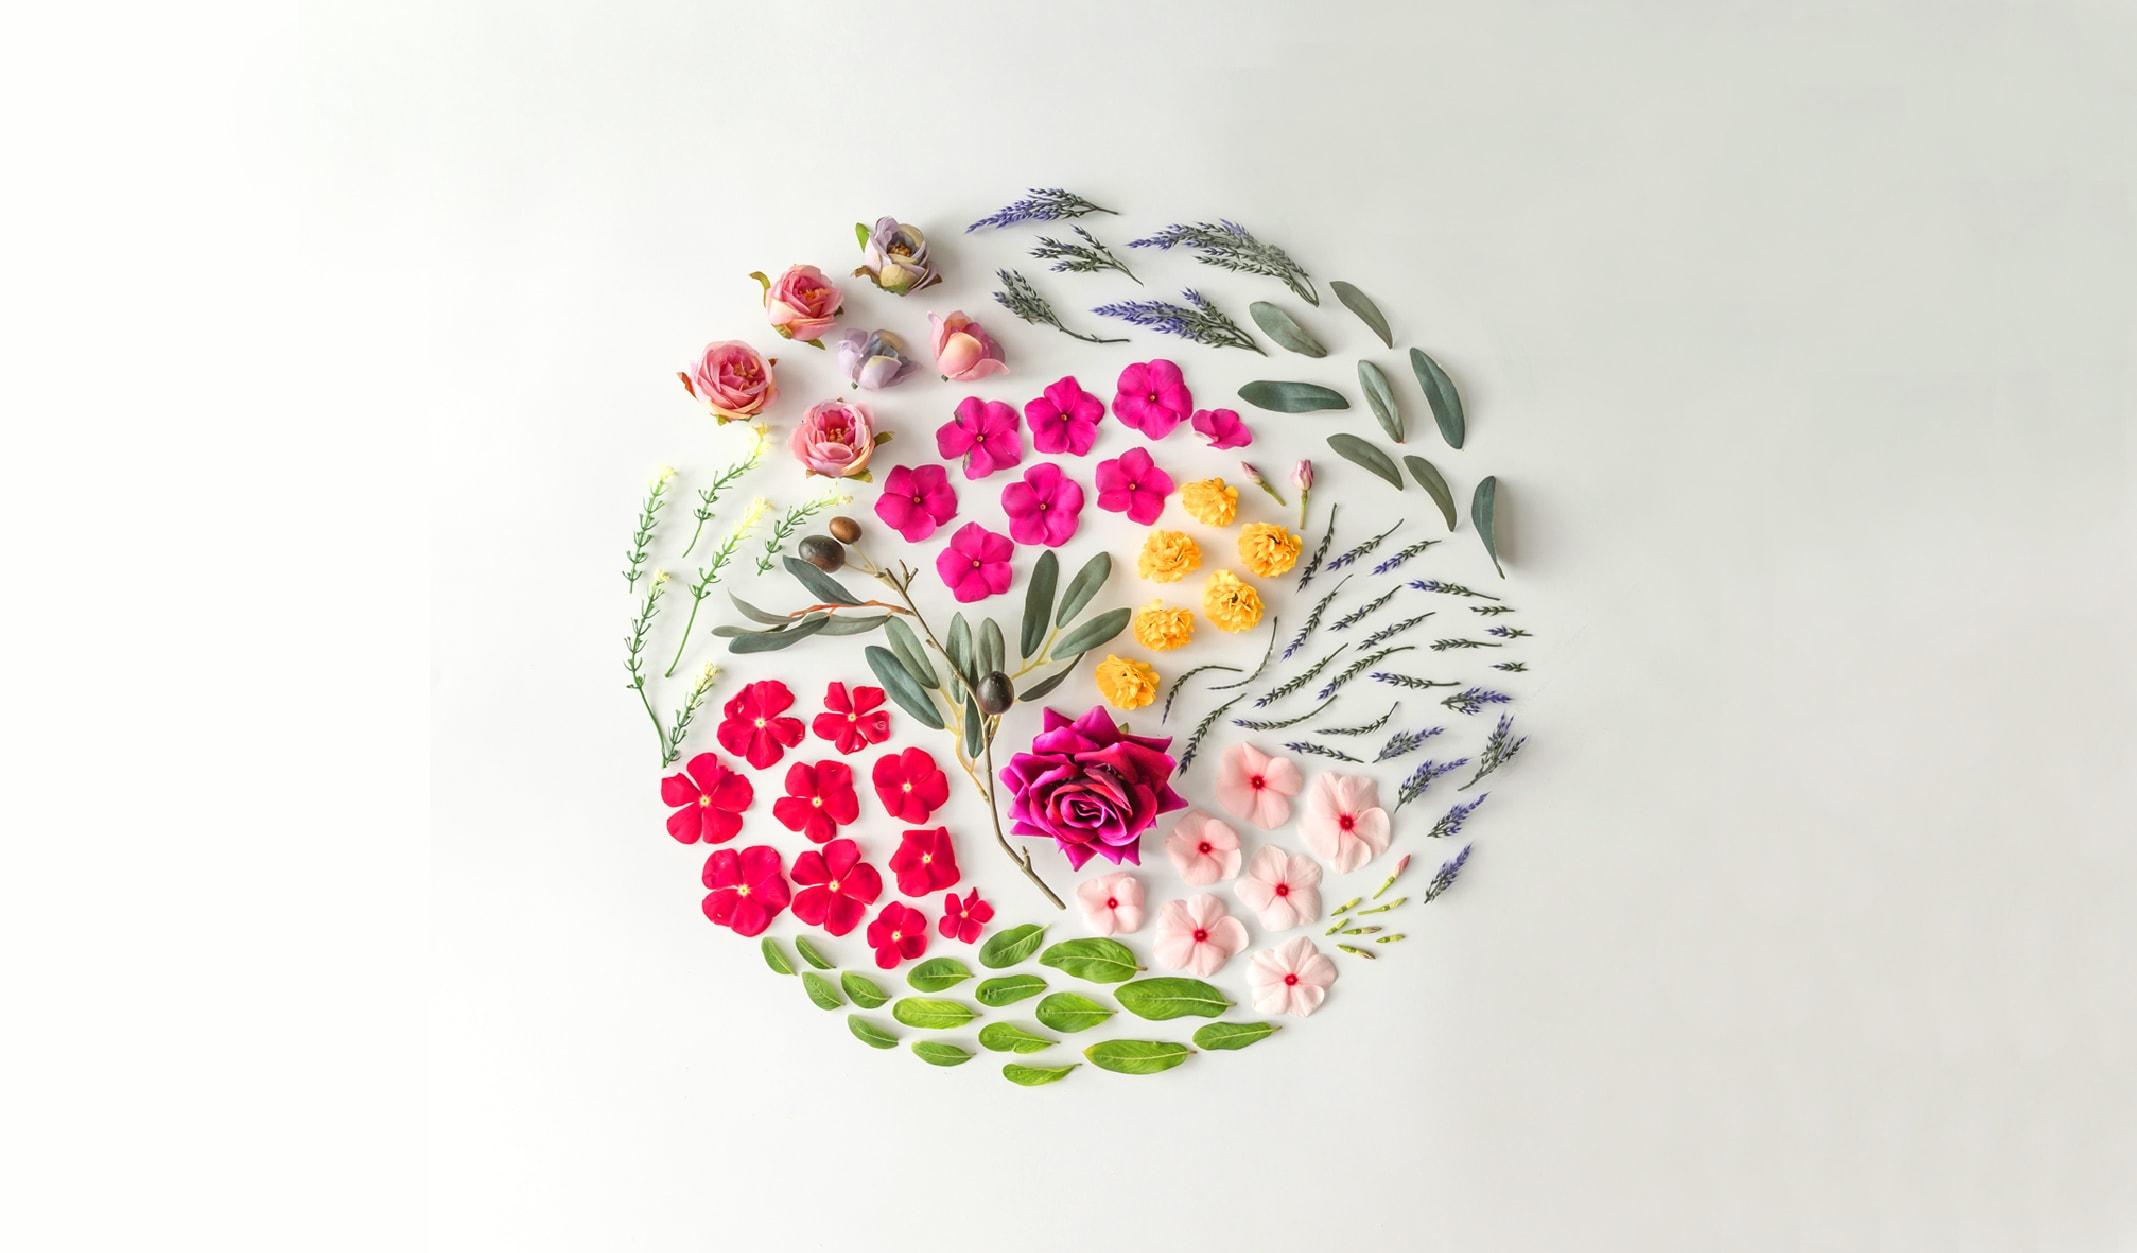 Baharda Açan Rengârenk 10 çiçek Halkbank Kültür Ve Yaşam